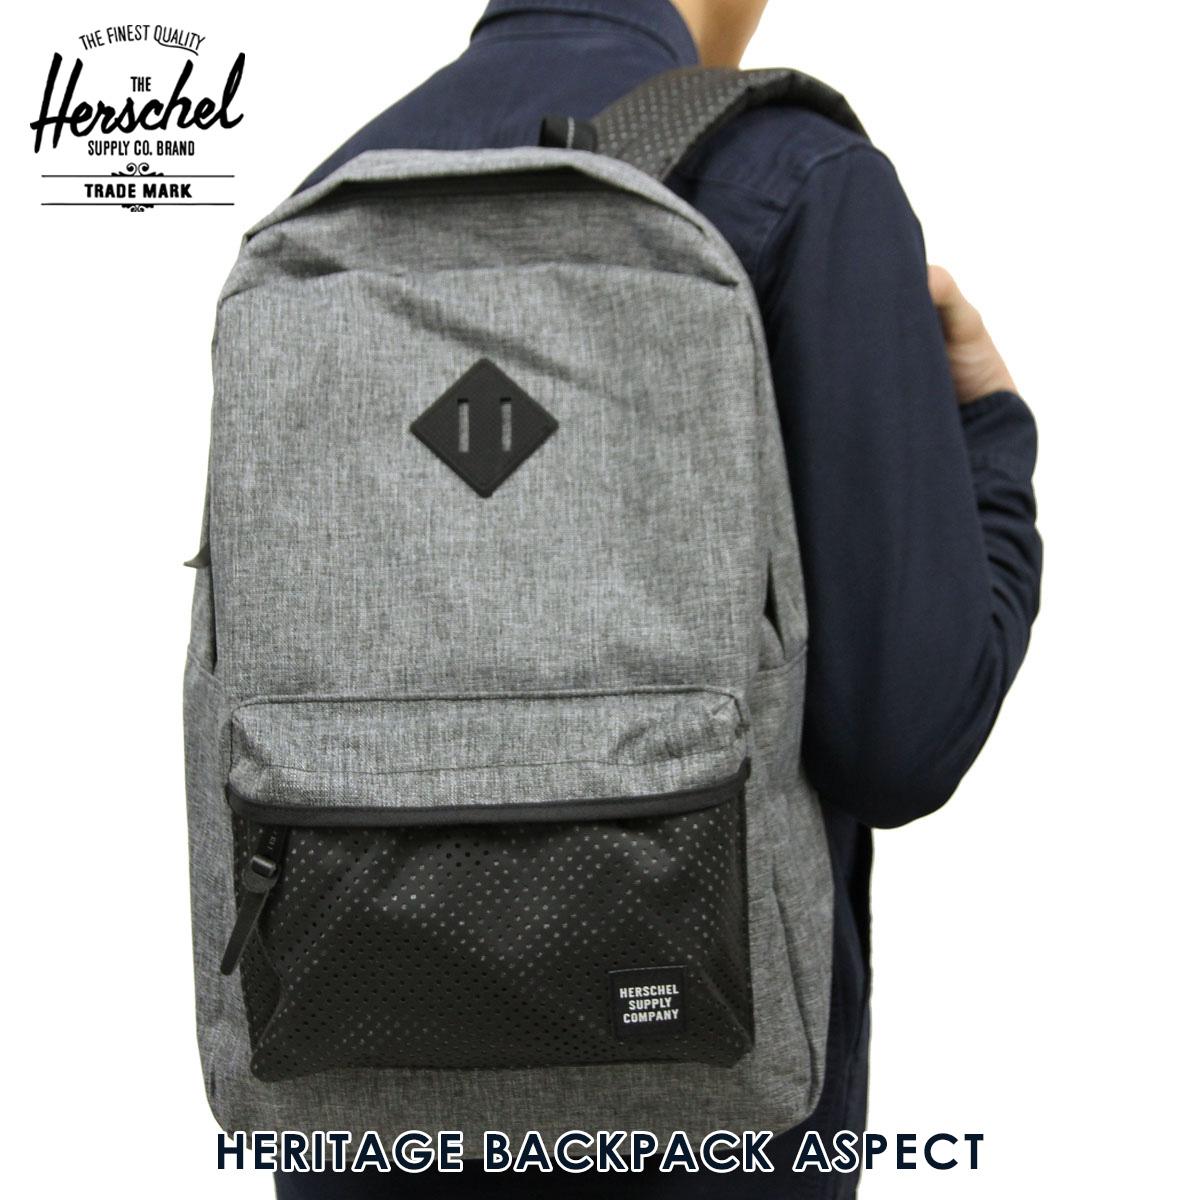 876b0763e7a Hershel supply Herschel Supply regular store backpack HERITAGE BACKPACK  ASPECT 10007-01554-OS RAVEN CROSSHATCH BLACK RUBBER 21.5L